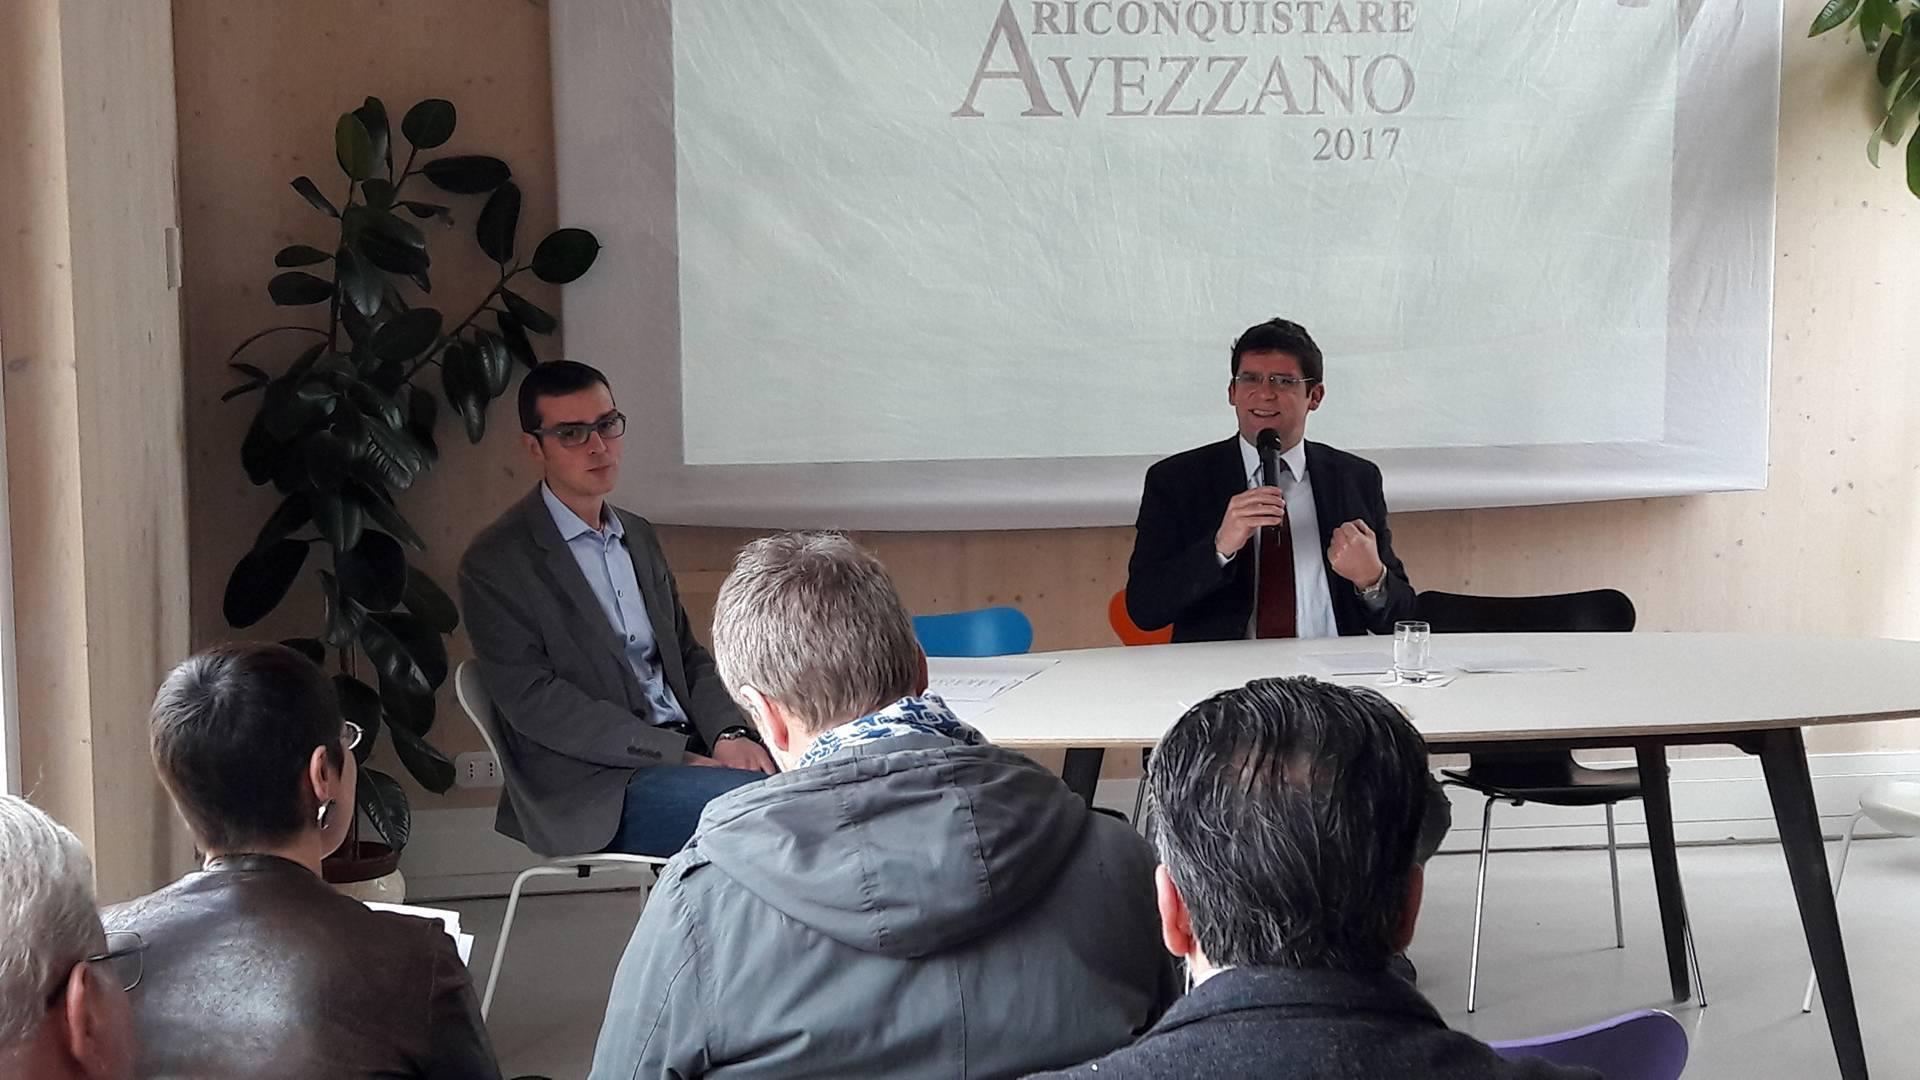 Riconquistare Avezzano: ecco la lista dei candidati a sostegno di Stefano D'Andrea